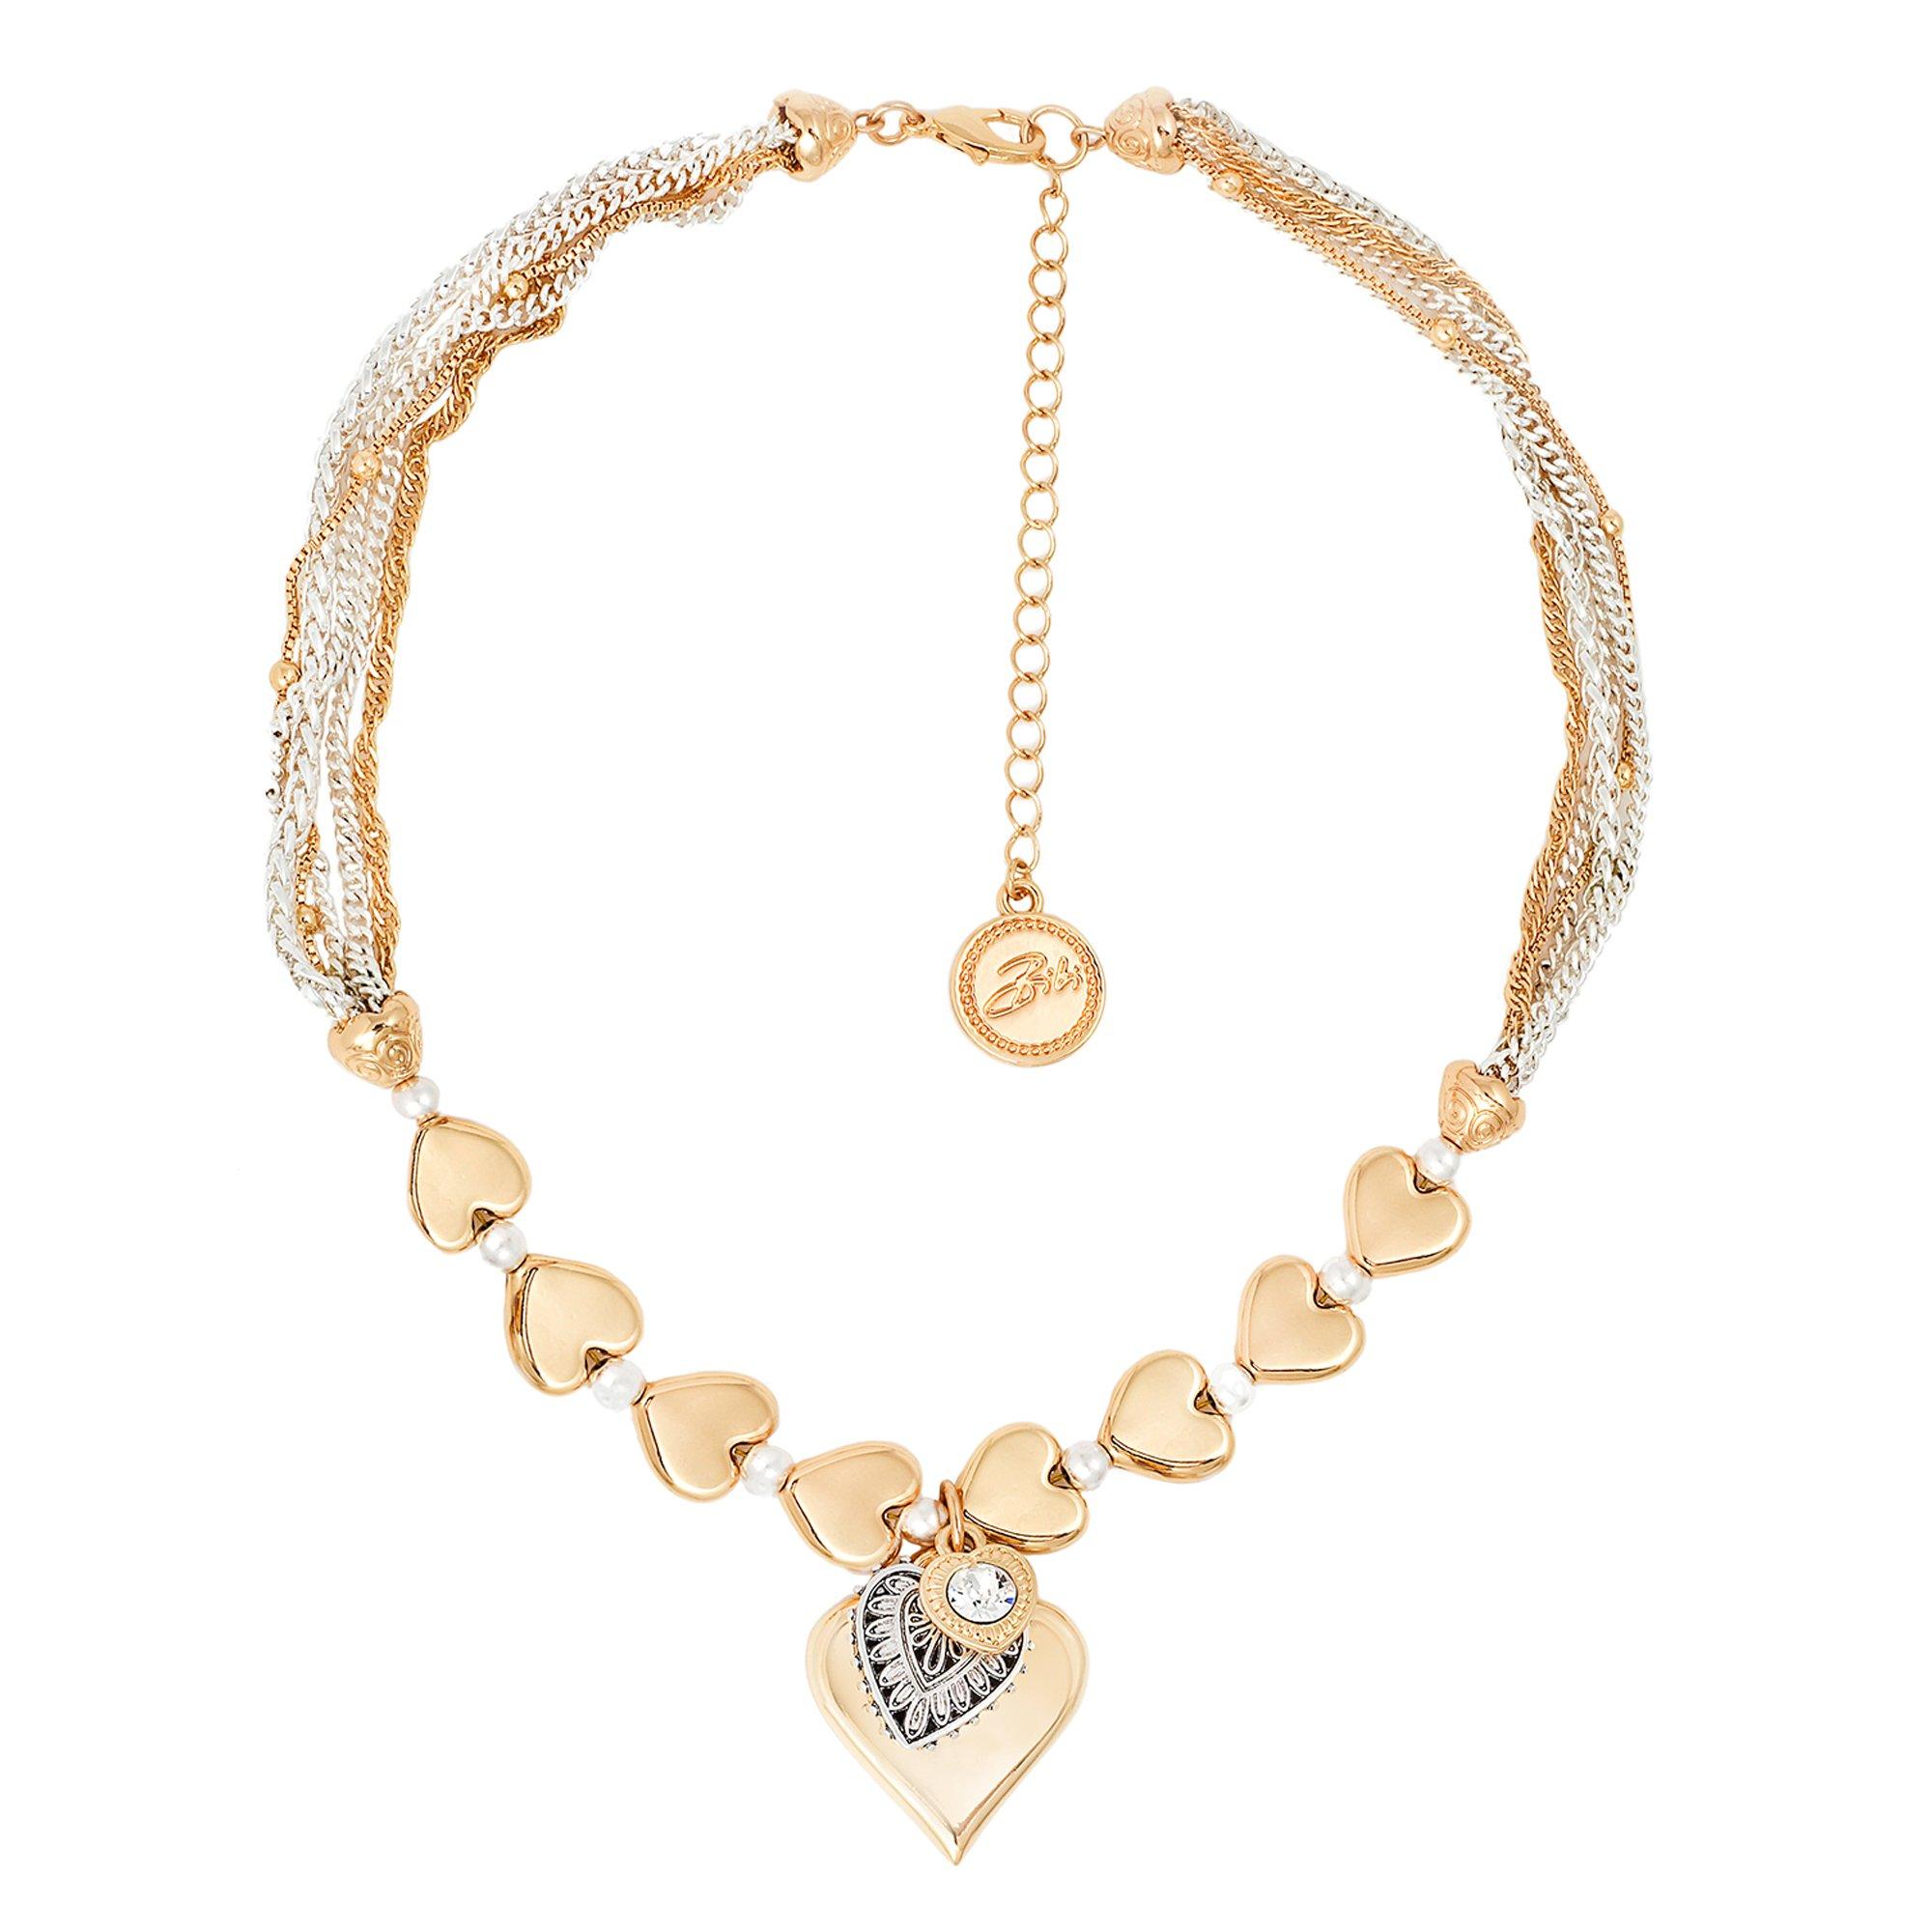 Gold Heart Charm Necklace - Diamond Beach